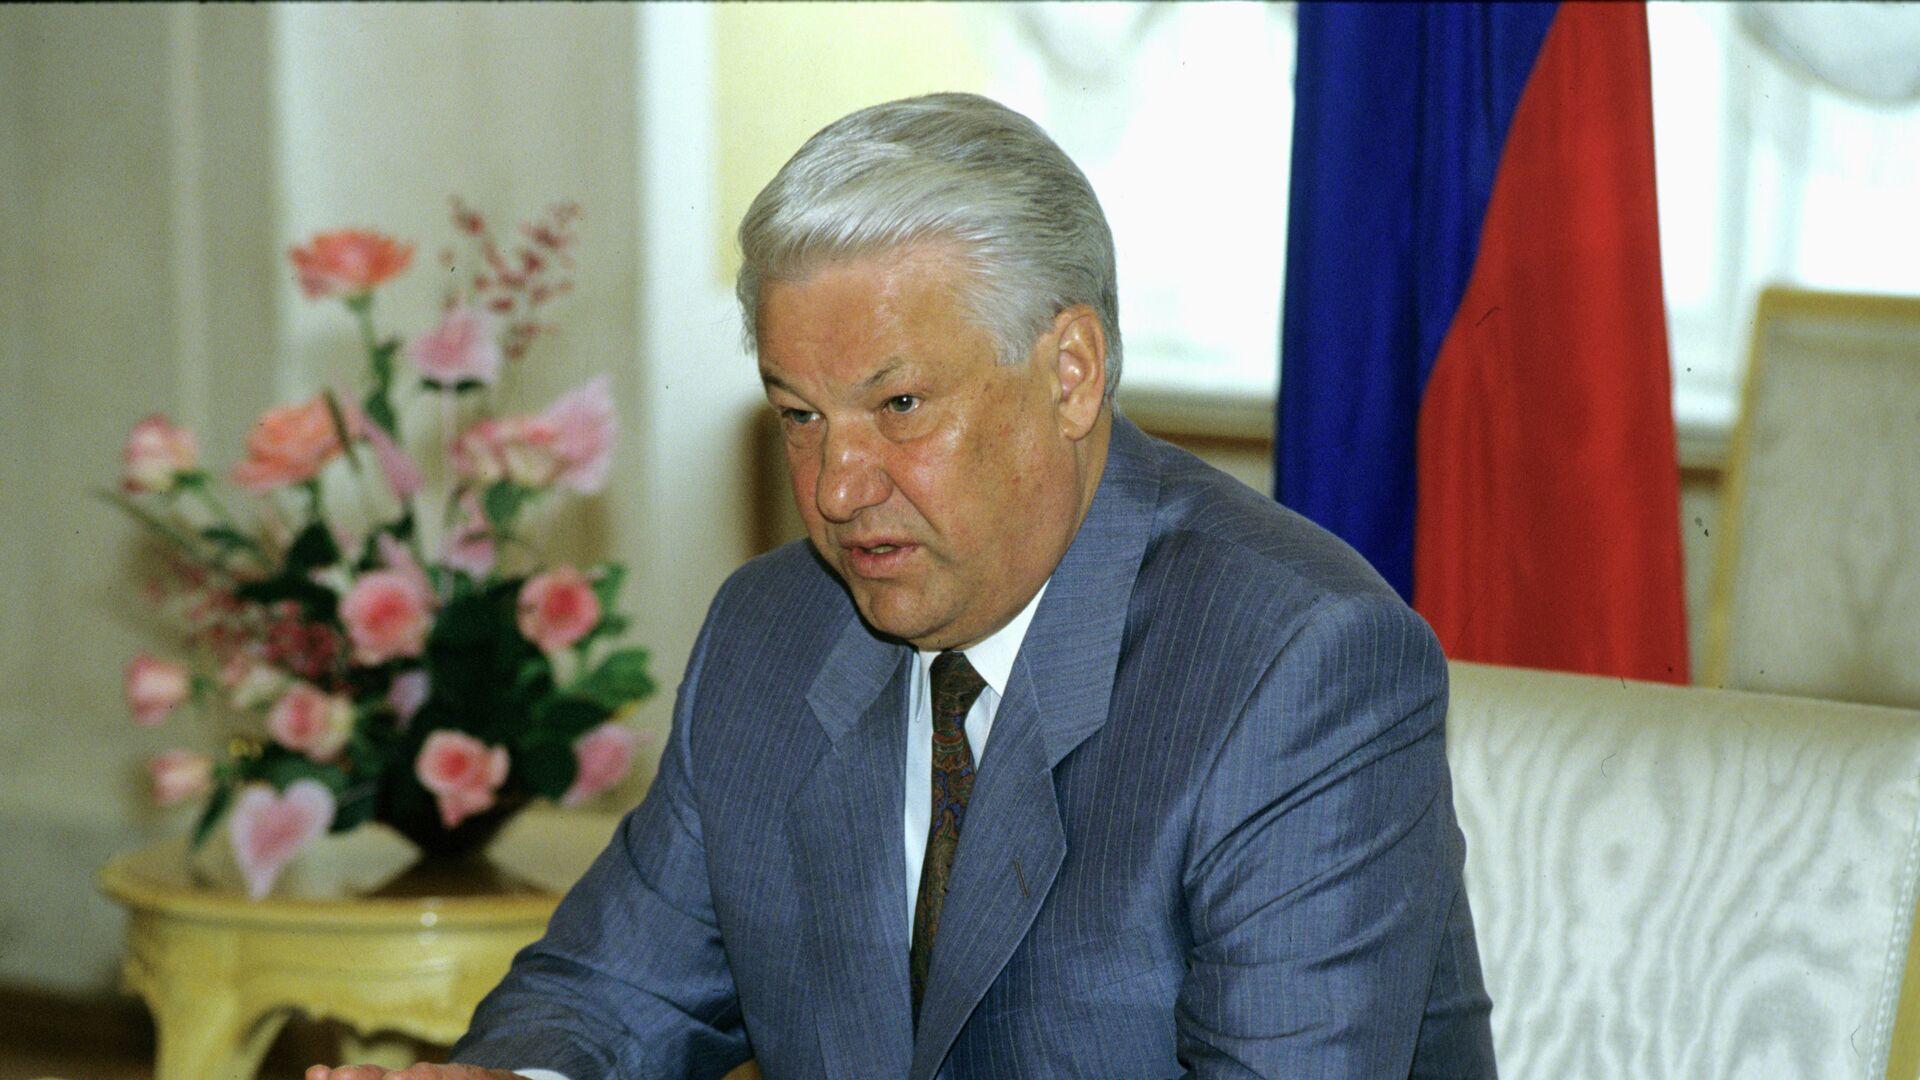 Опубликованы отрывки видеомемуаров Ельцина